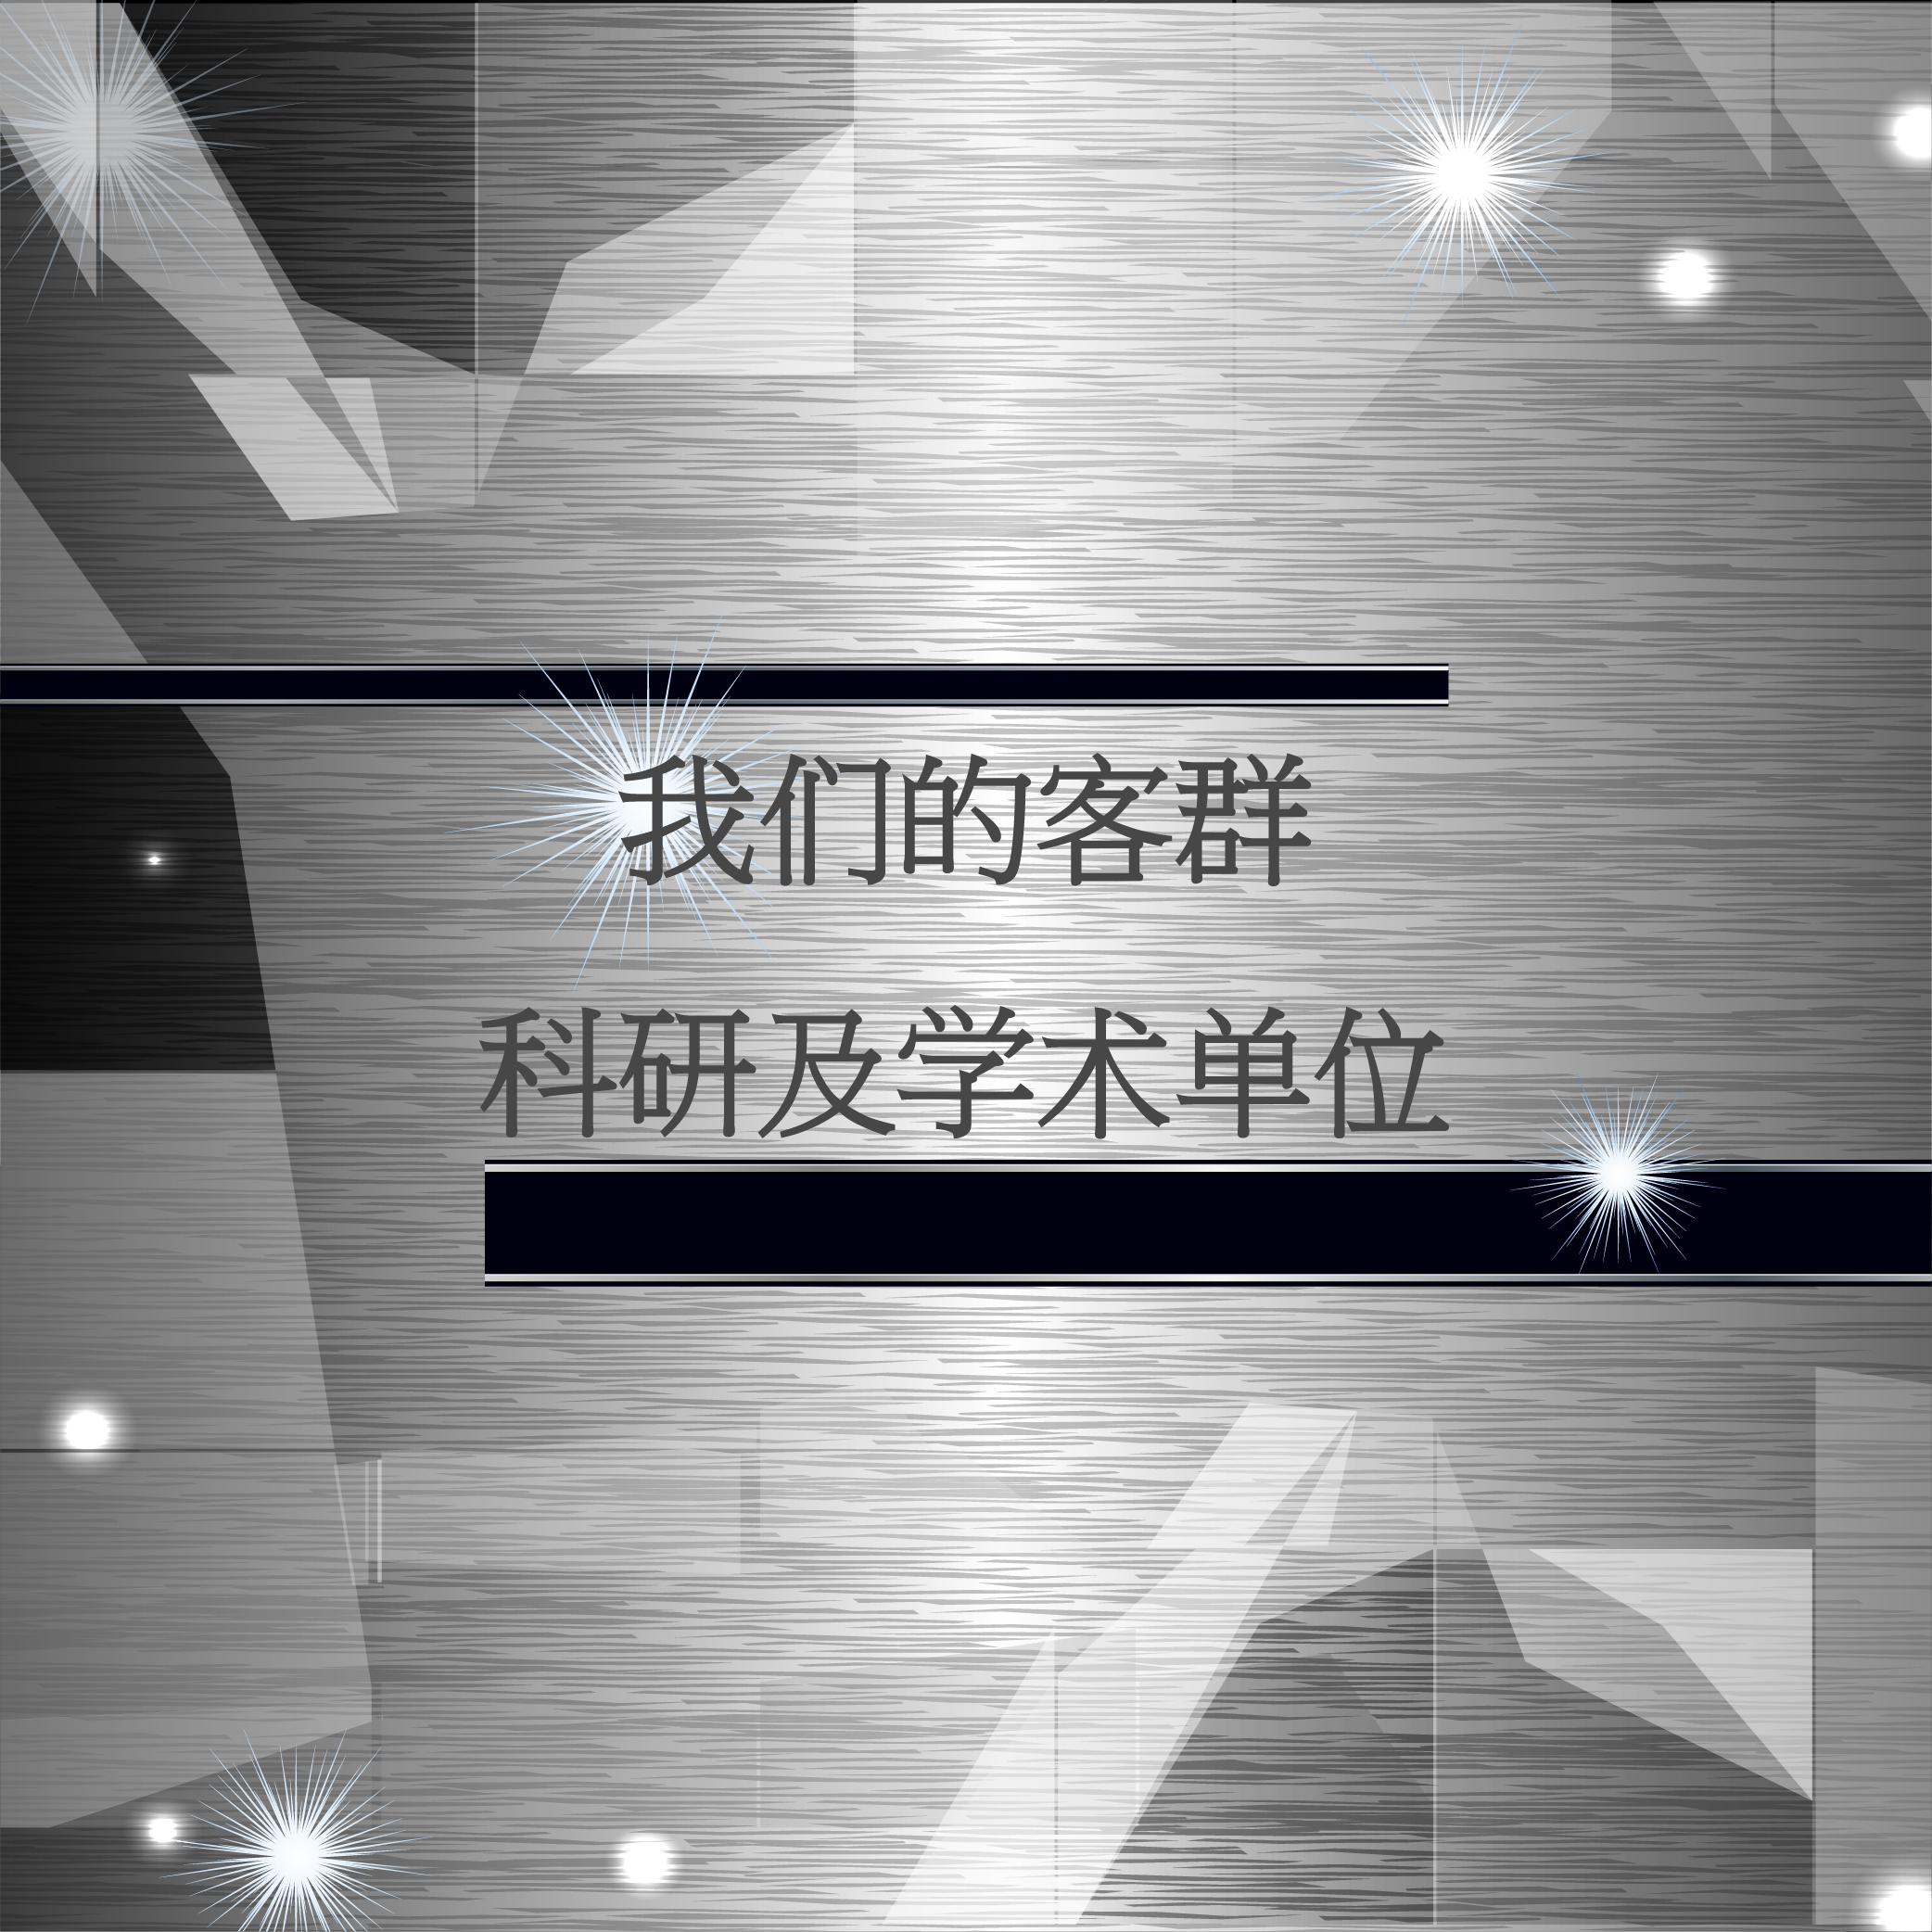 廣告(簡體 03